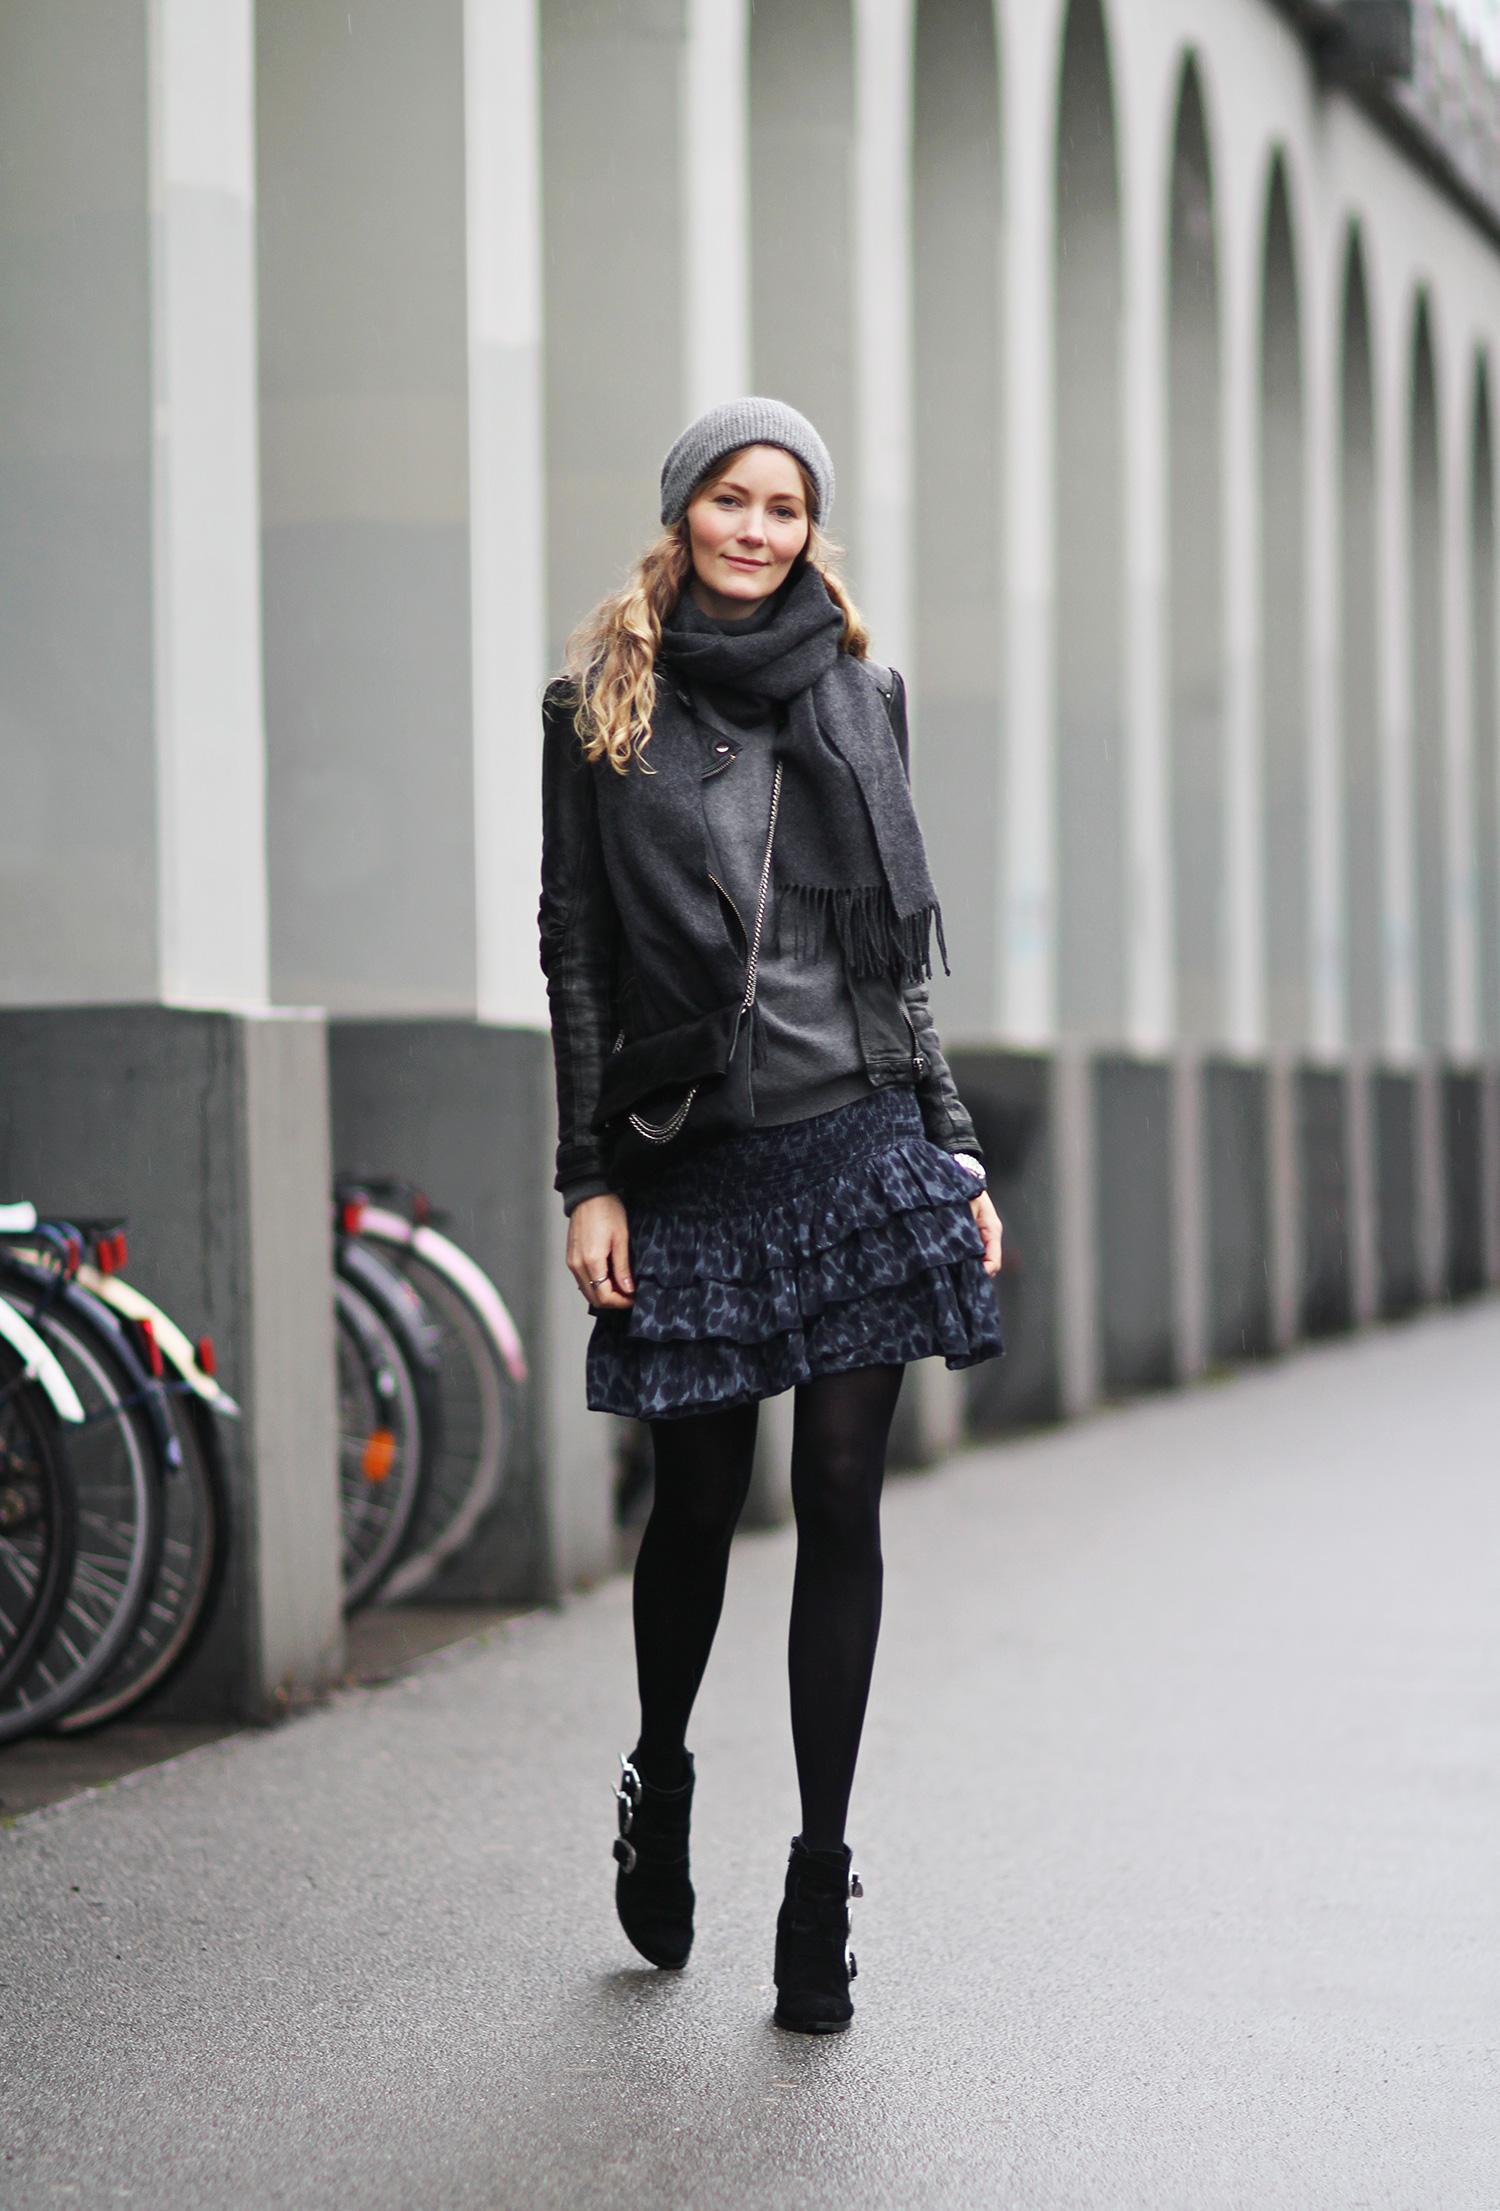 âme-copenhagen-skirt